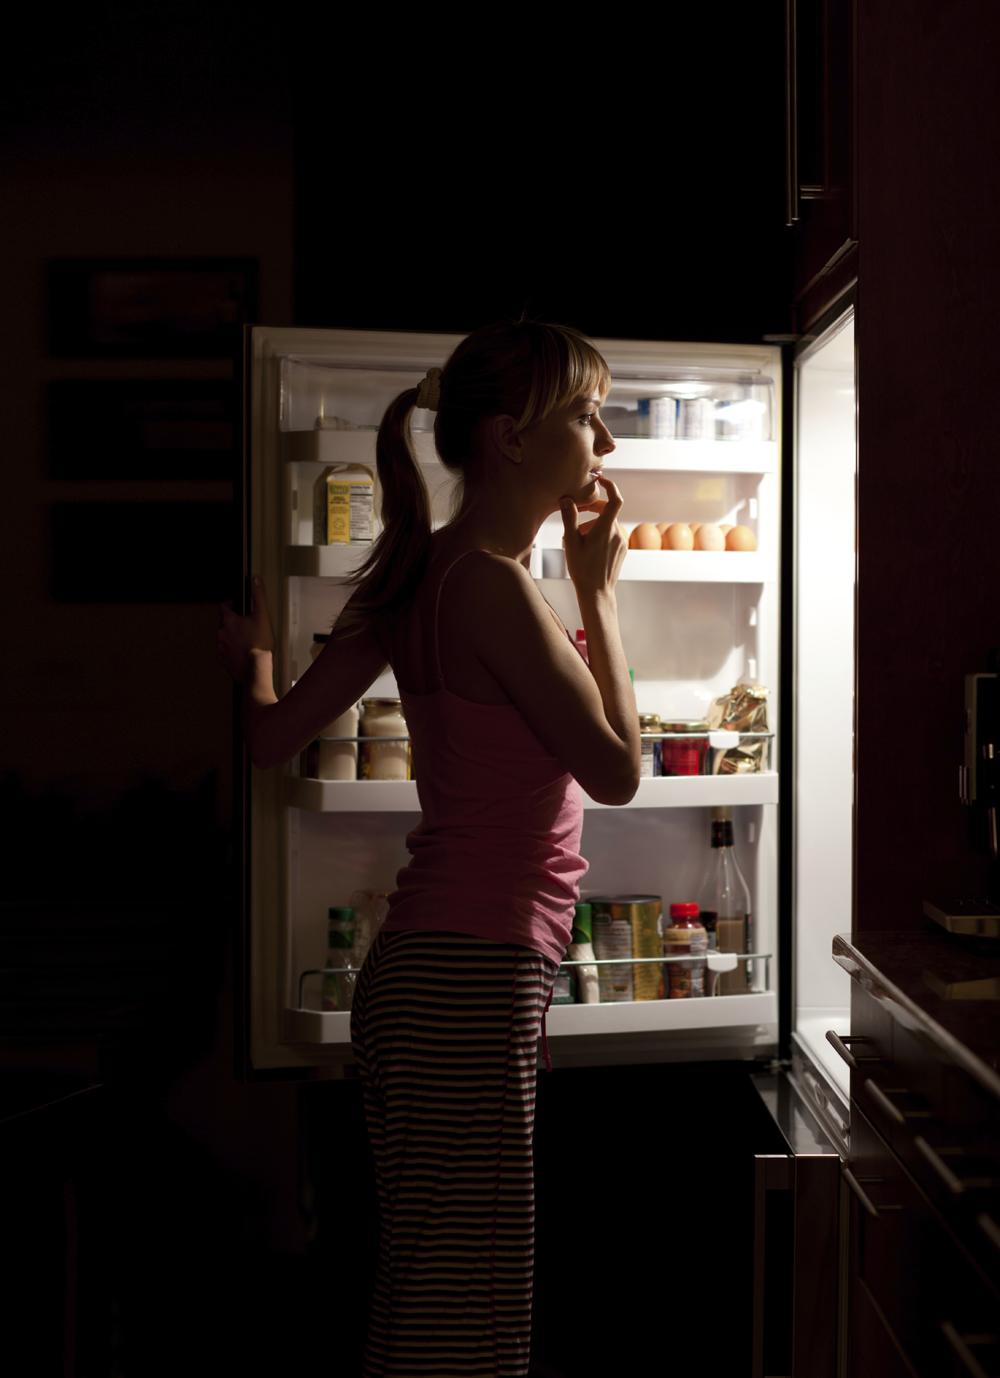 фото думает ночью у холодильника заключает себе монтаж